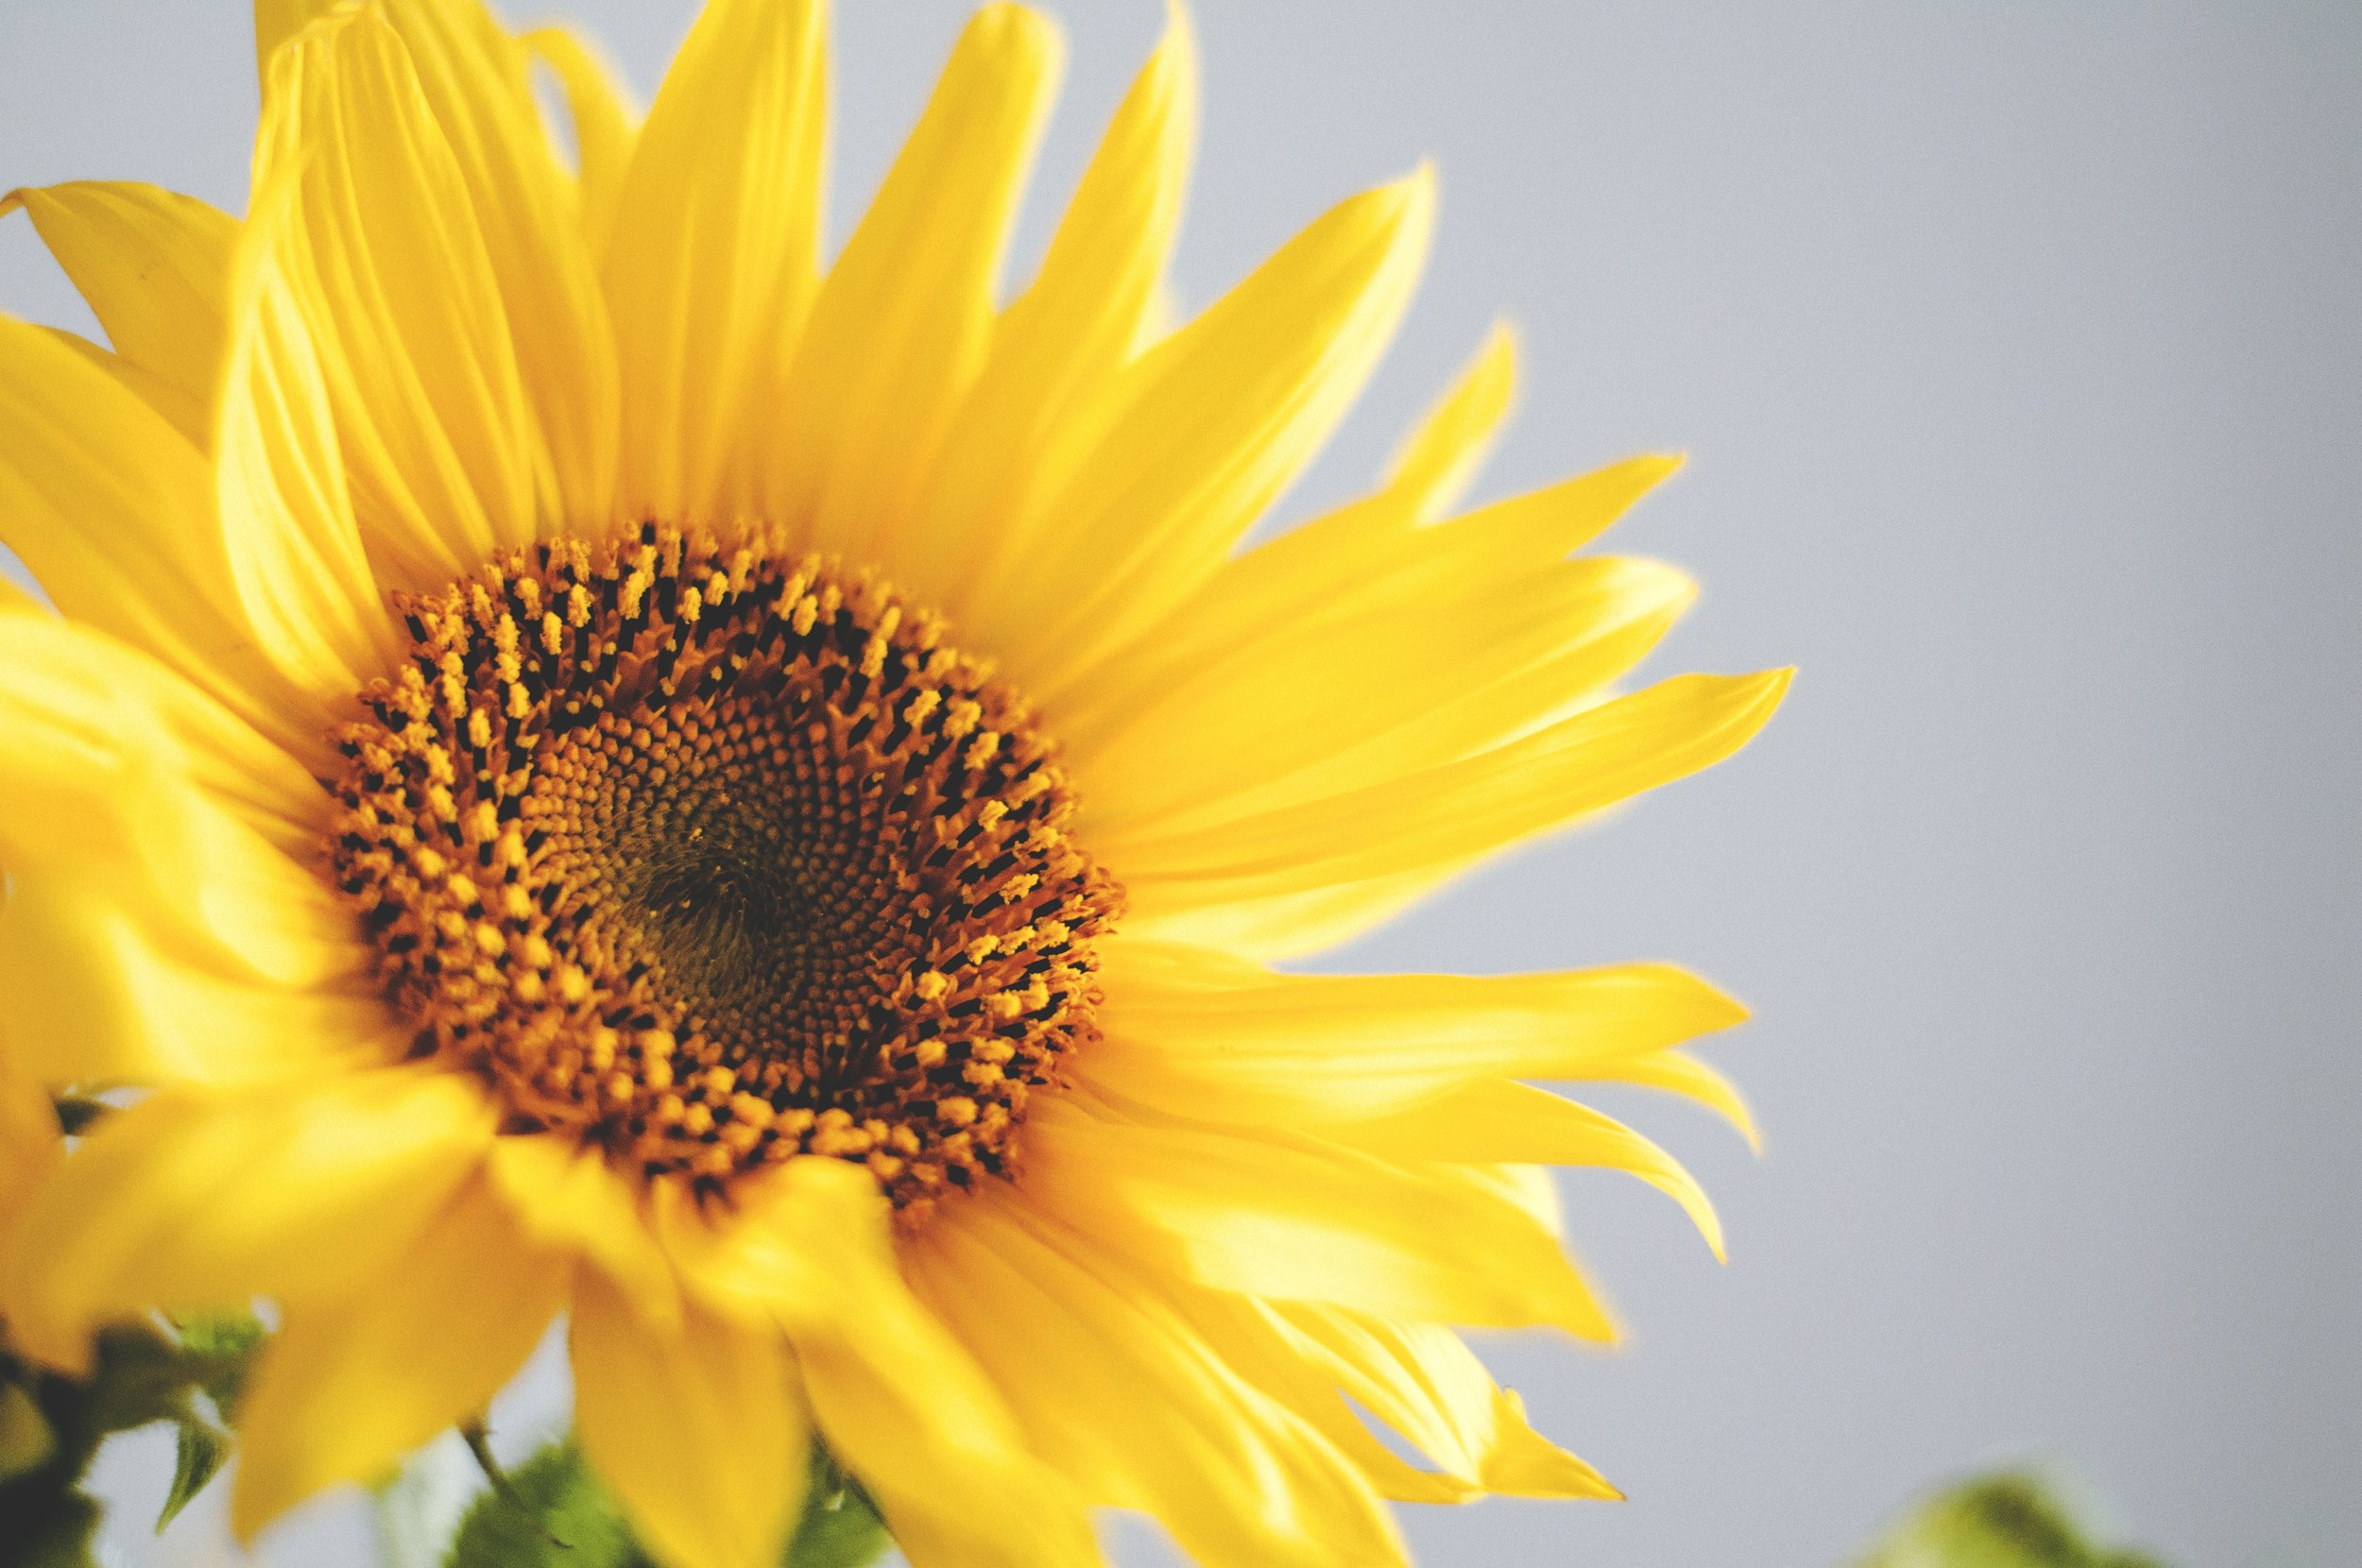 Photo: unsplash.com